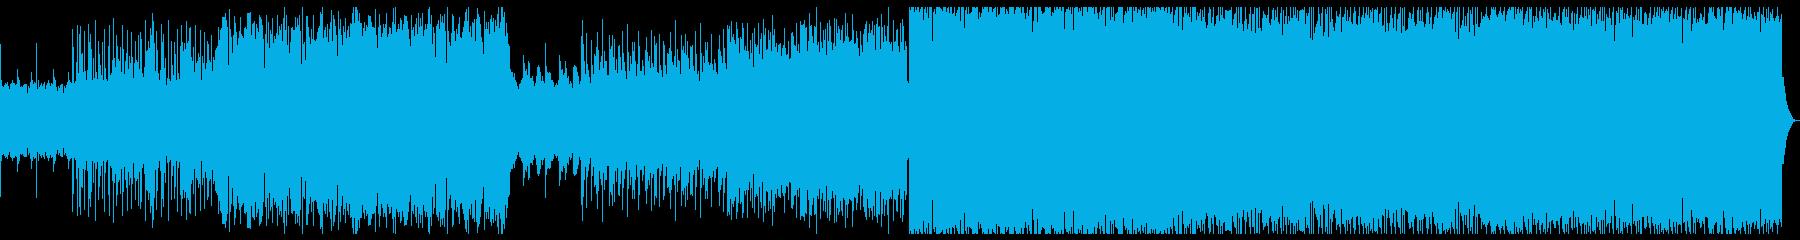 エレクトロ+バンドサウンドの激しめの曲の再生済みの波形